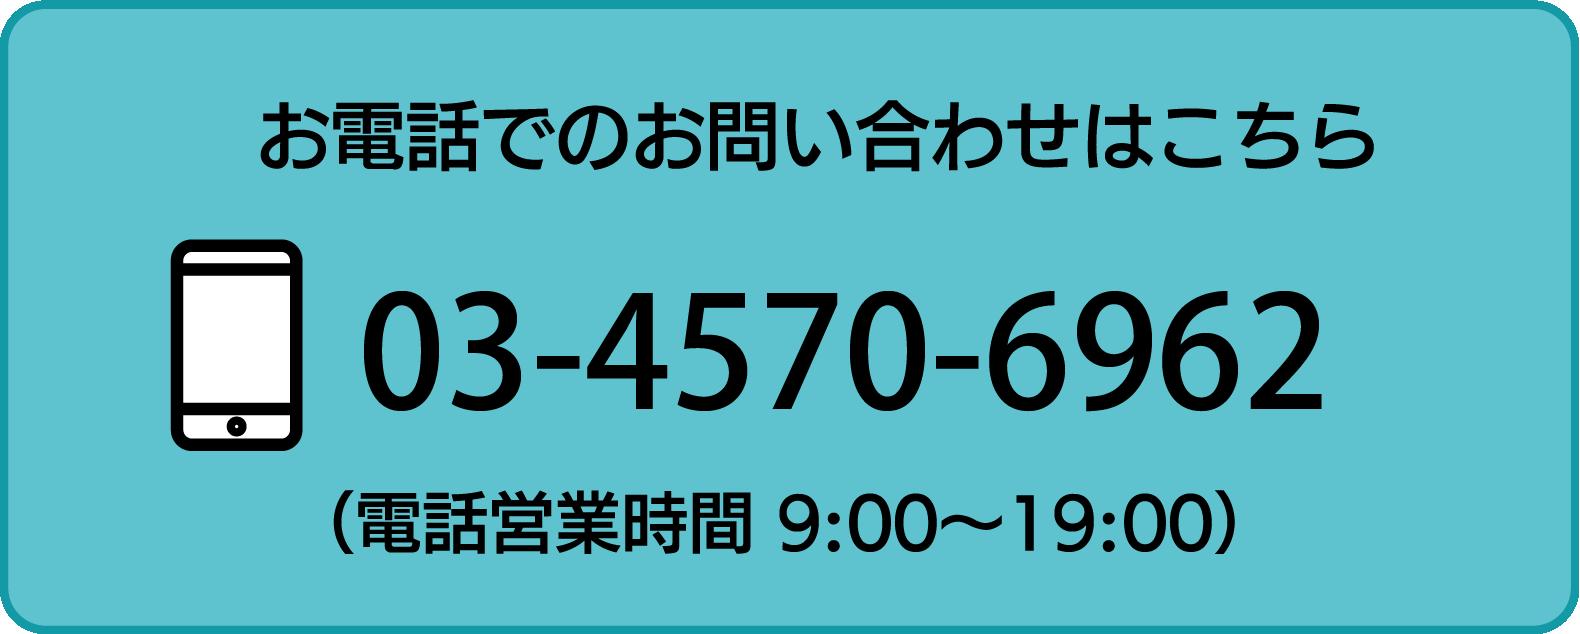 お電話でのお問い合わせはこちら 03-4570-6962 電話営業時間 9:00〜19:00